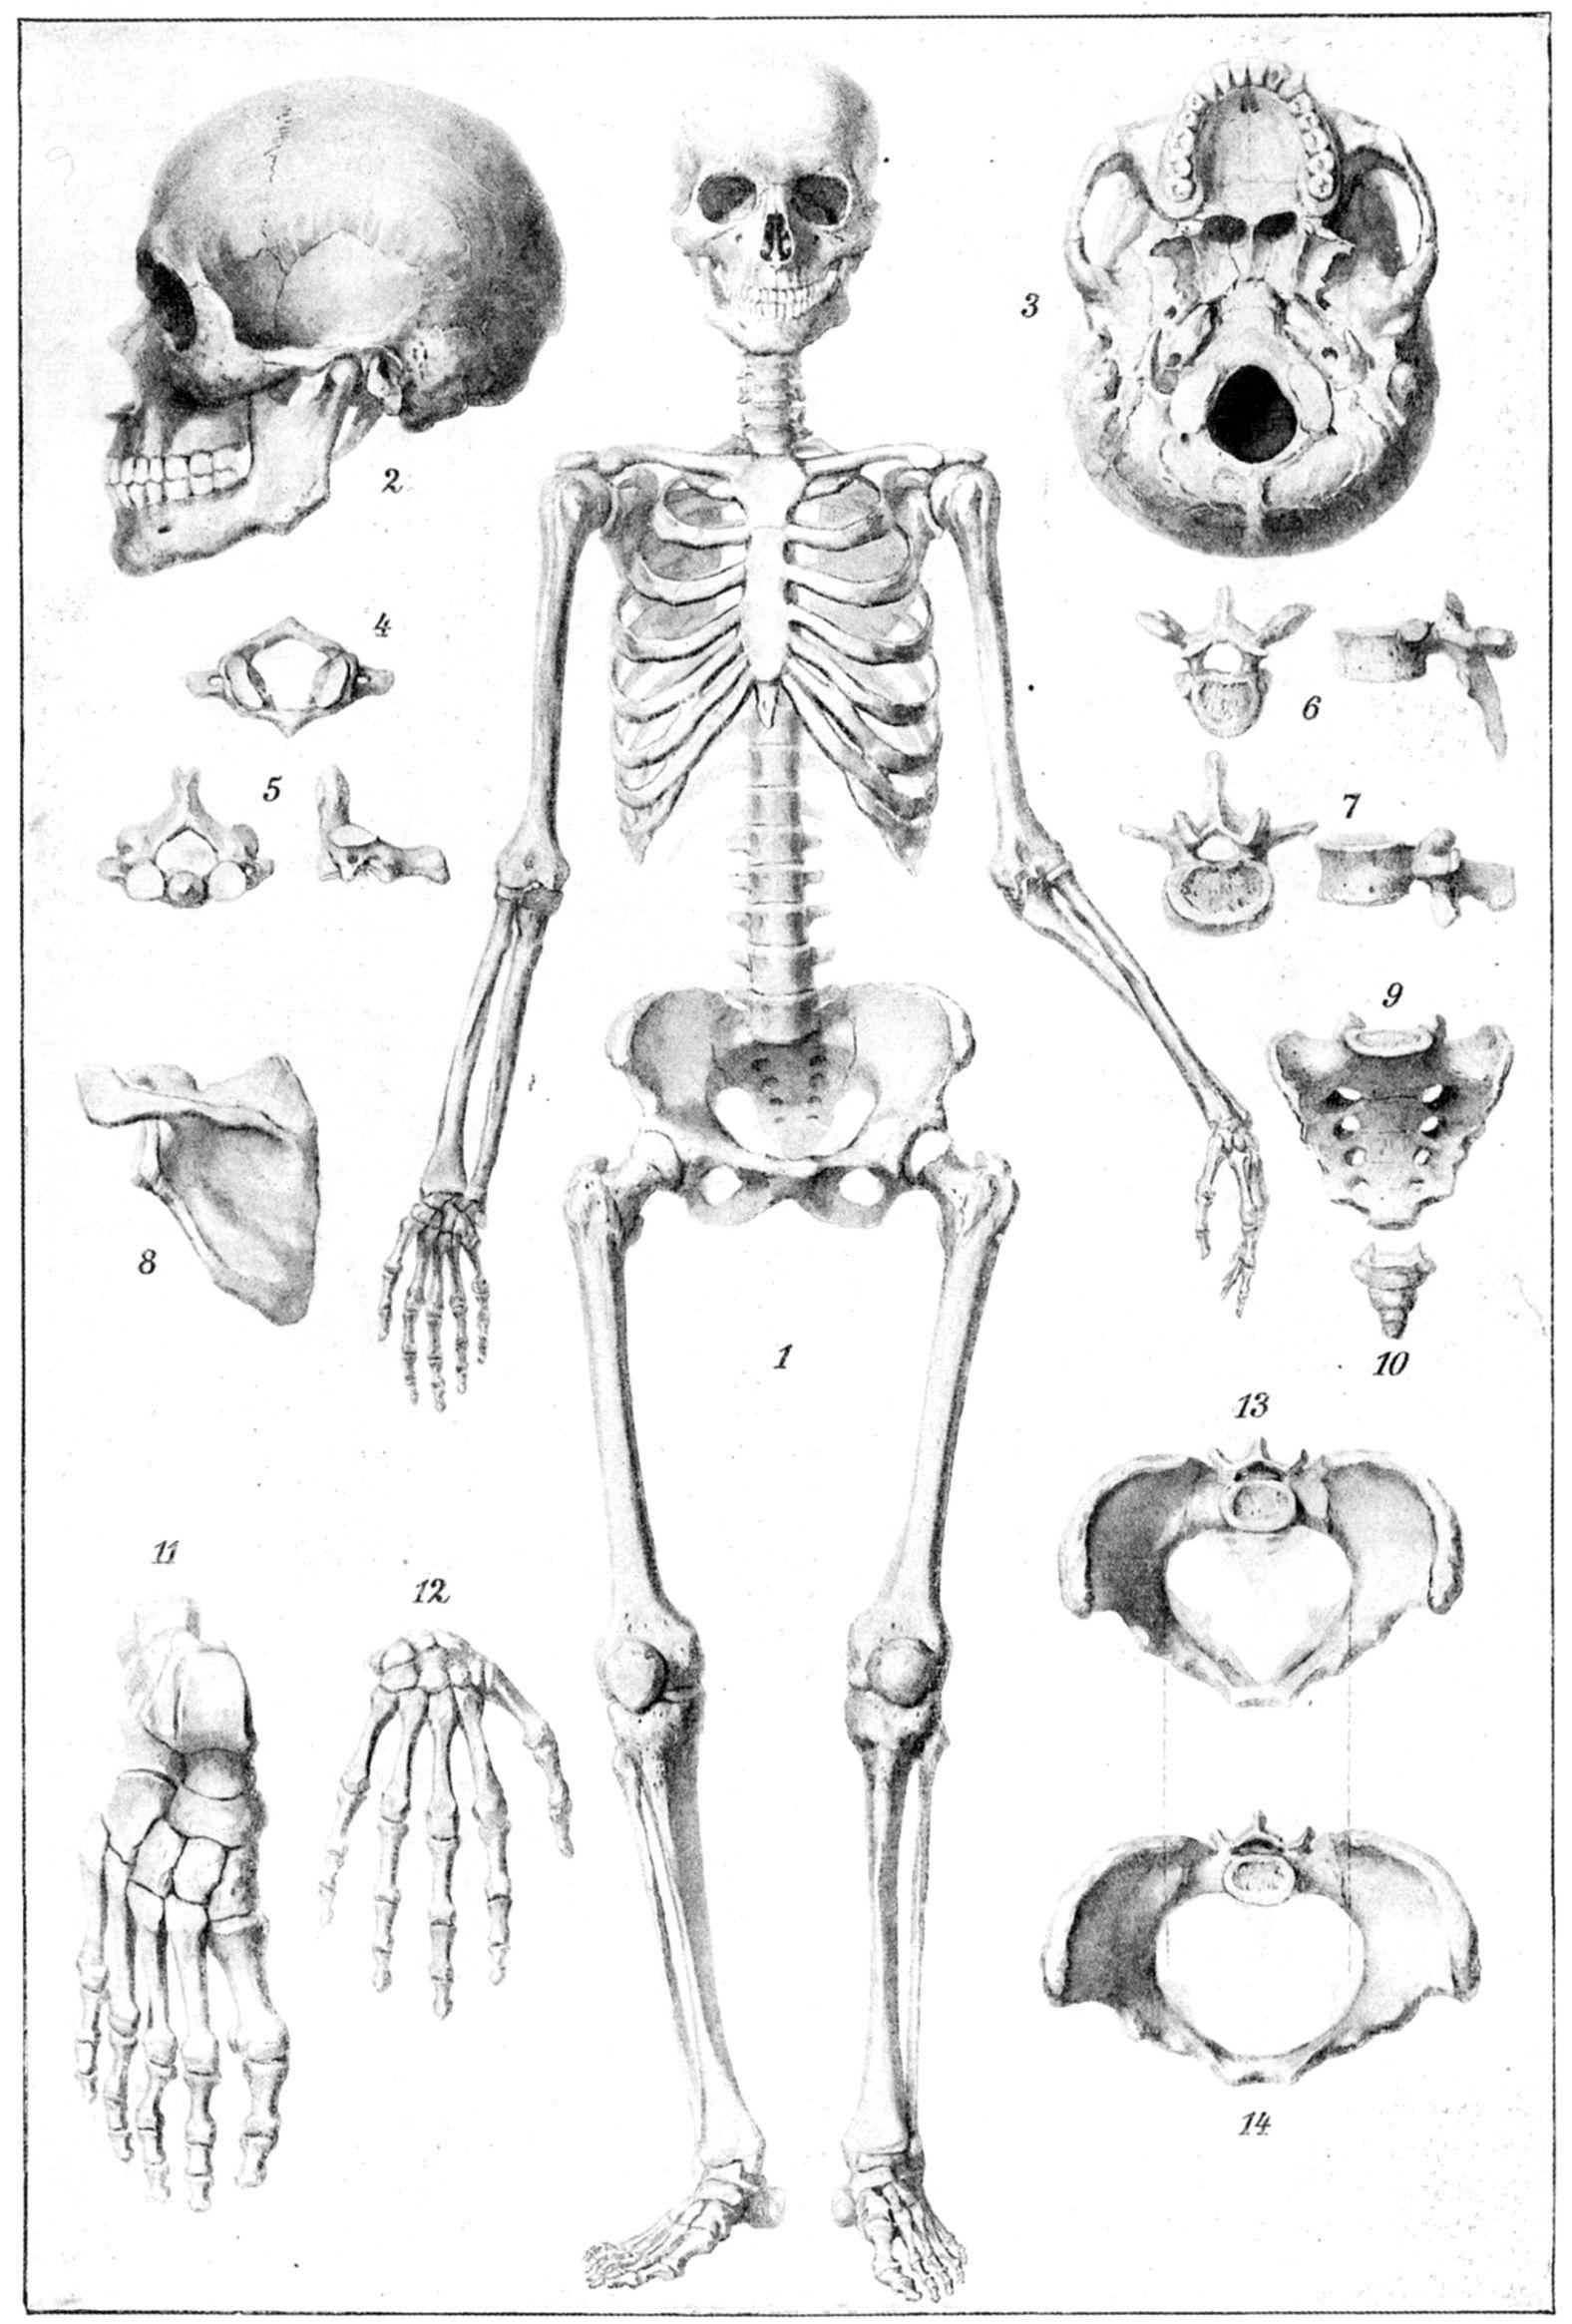 Skelett. Skelett des Menschen. 1. Skelett von vorn. 2. Schädel e6ab23c304de8